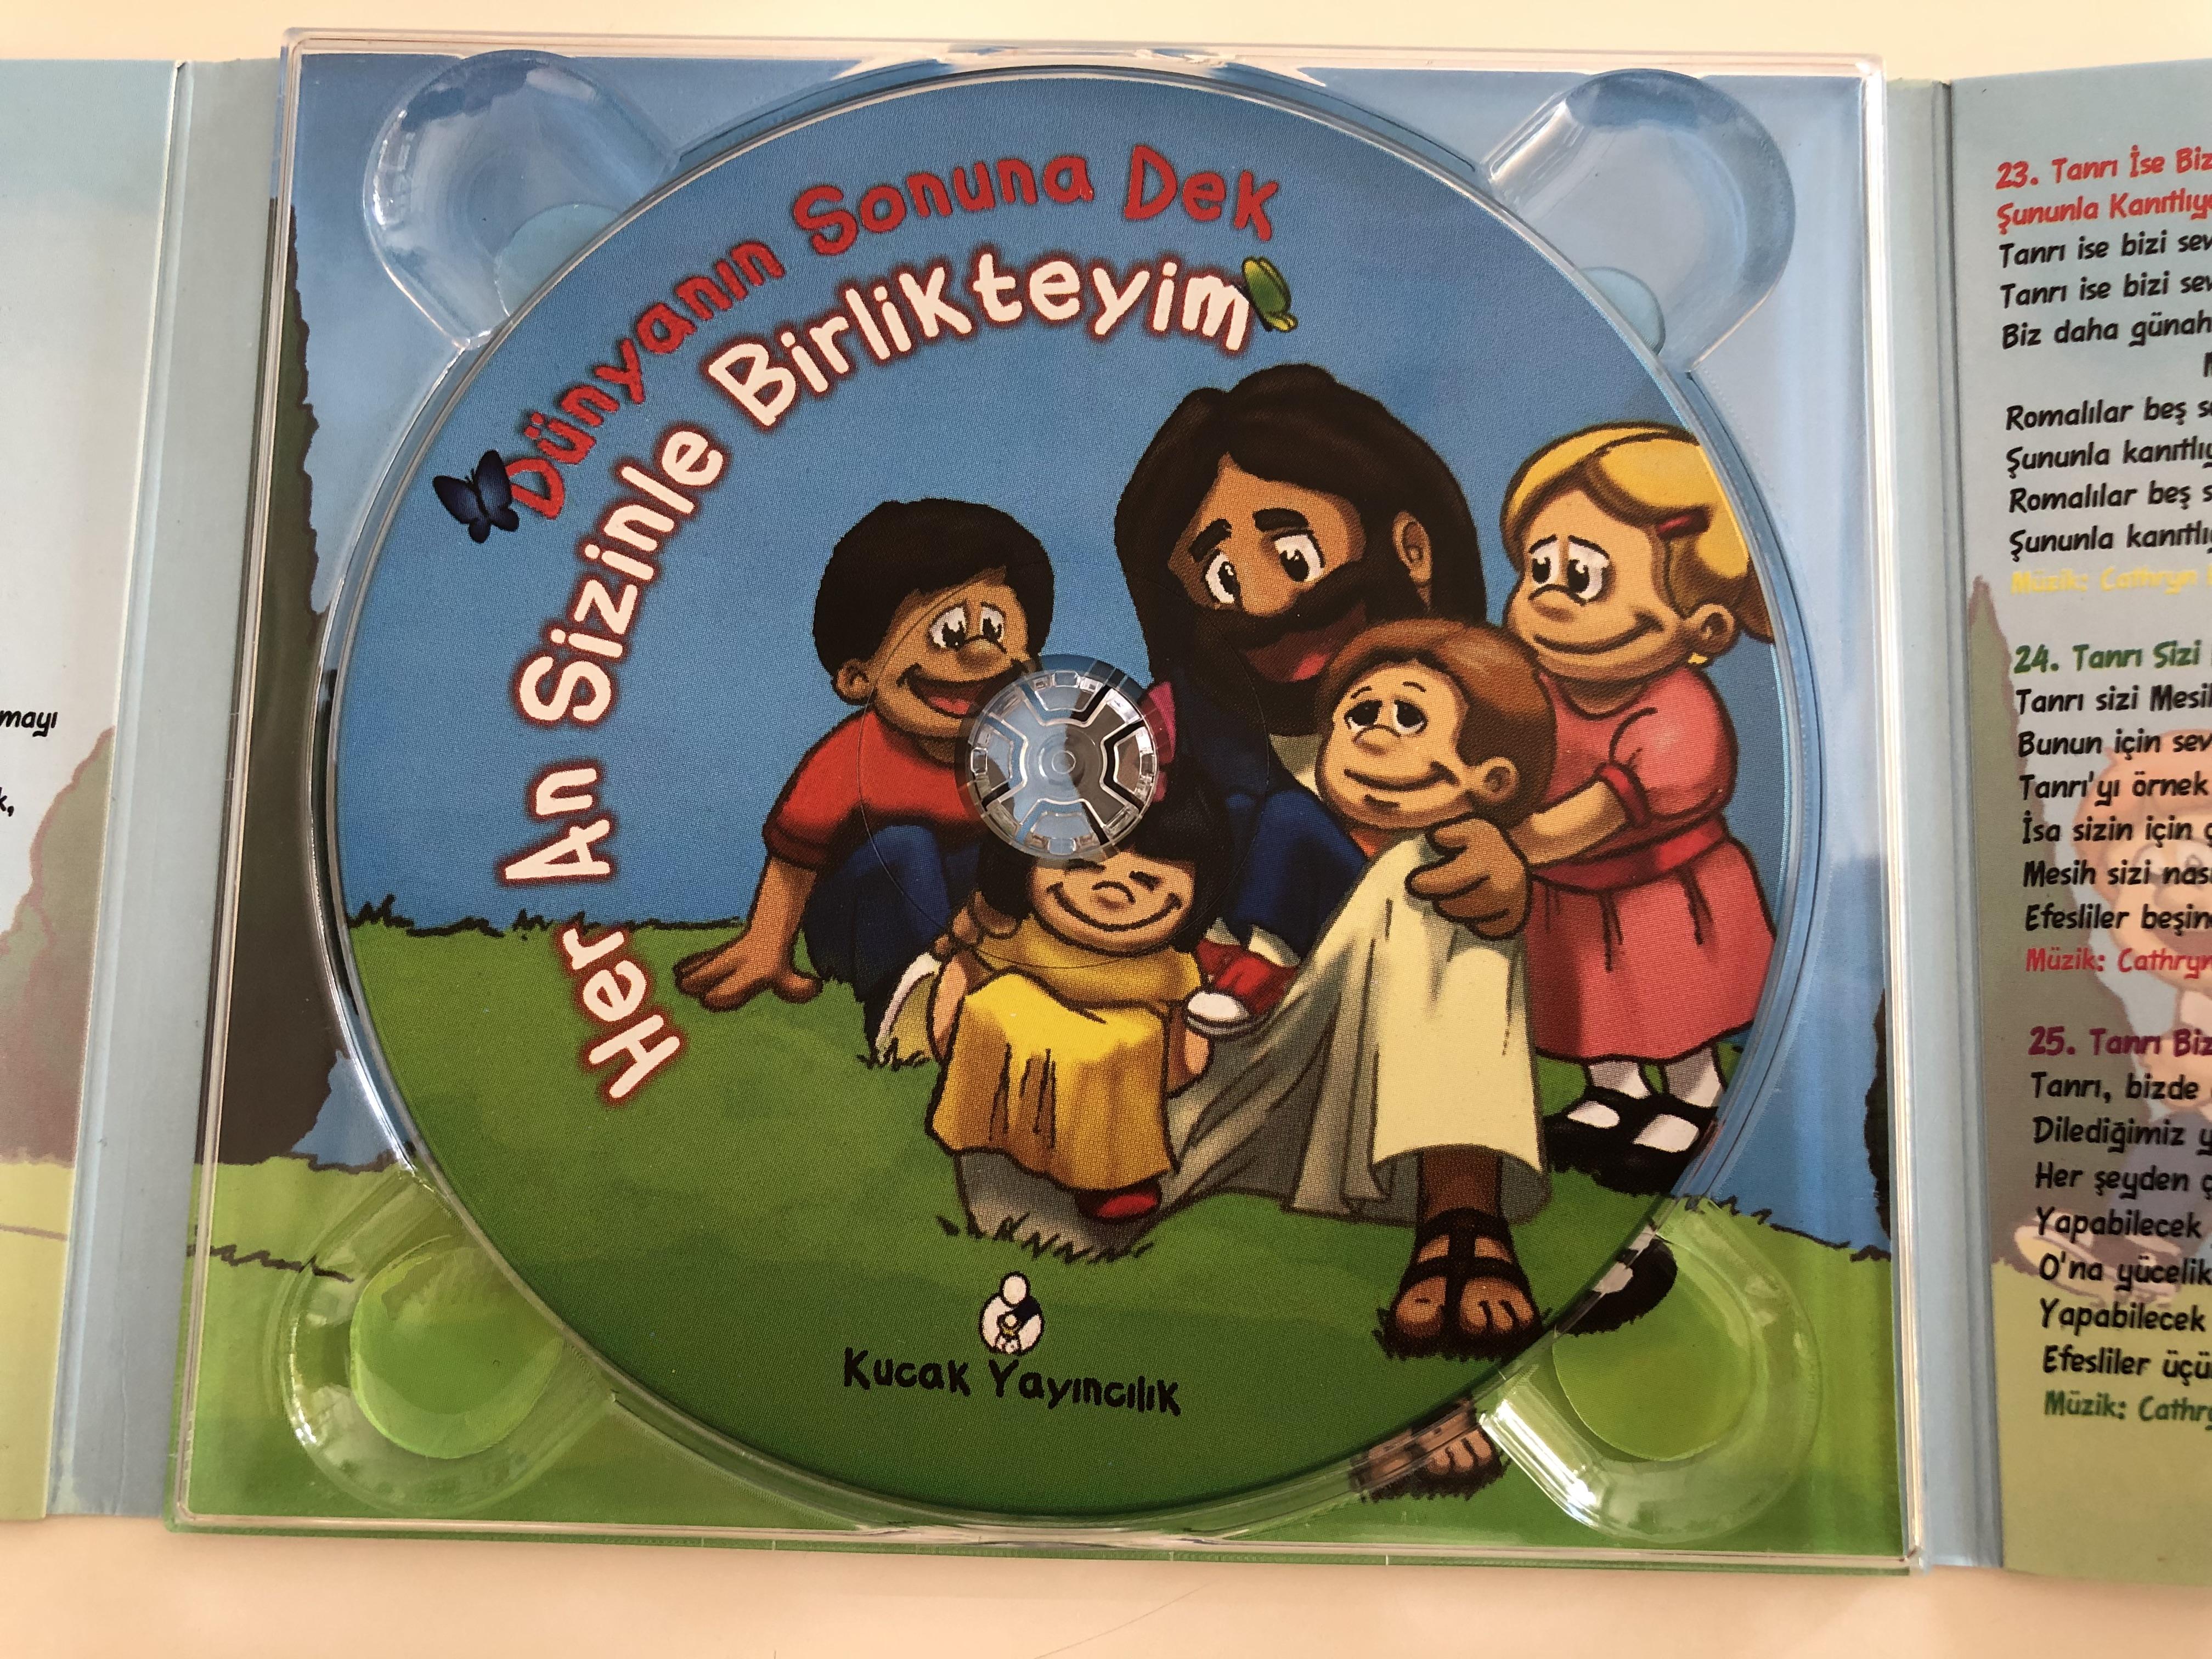 d-nyanin-sonuna-dek-her-an-sizinle-birlikteyim-audio-cd-kucak-yayincilik-christian-songs-for-children-in-turkish-6-.jpg